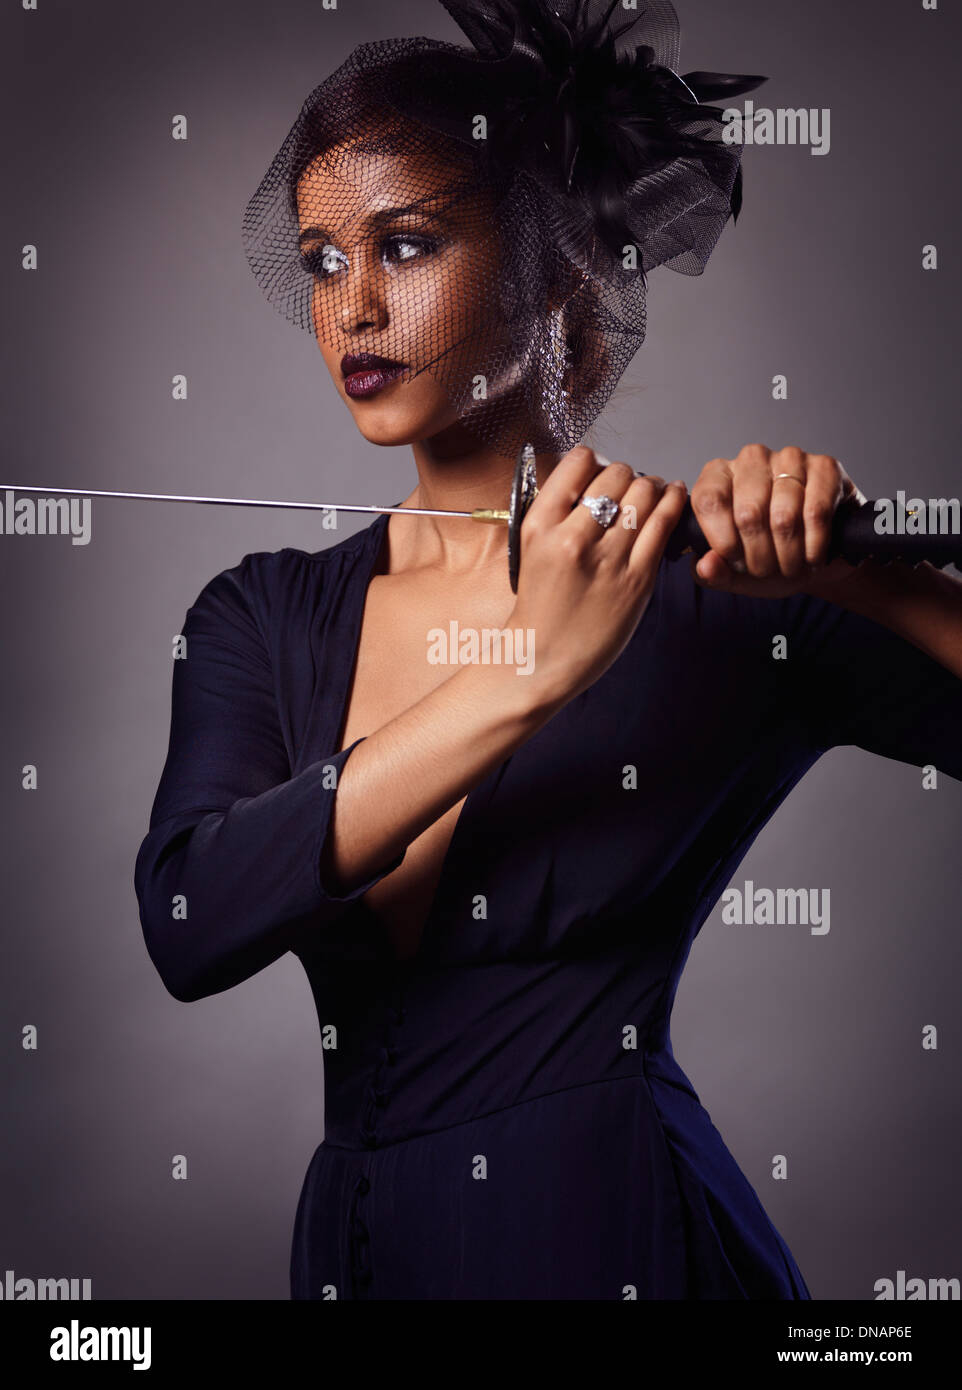 Schöne schwarze Frau mit einem Schleier ein Katana Schwert in ihren Händen hält Stockfoto